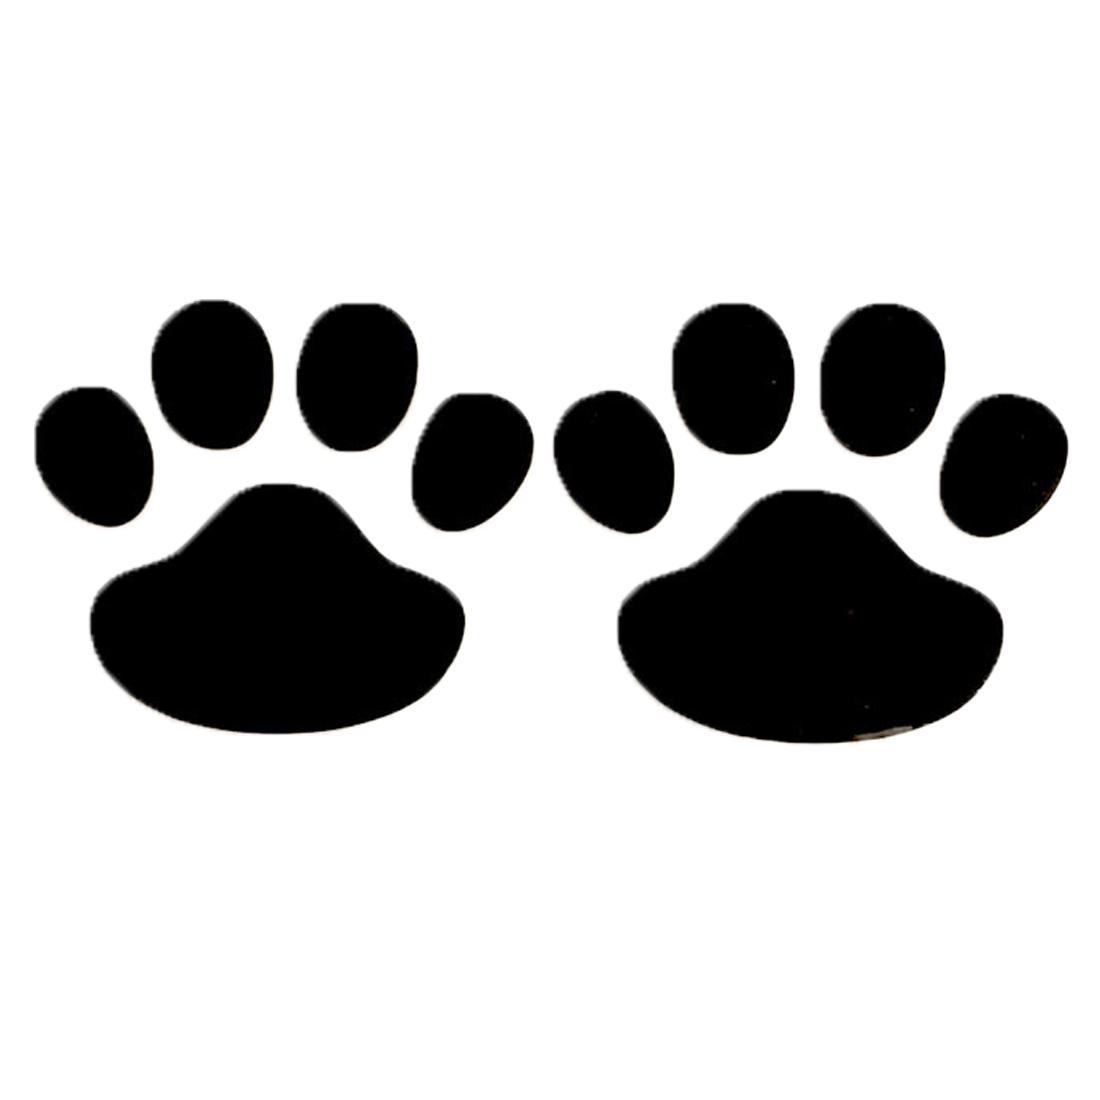 Dewtreetali 2017 Baru Perak Emas 1 Pair Desain Keren Stiker Mobil Motif Cakar 3D Hewan Anjing